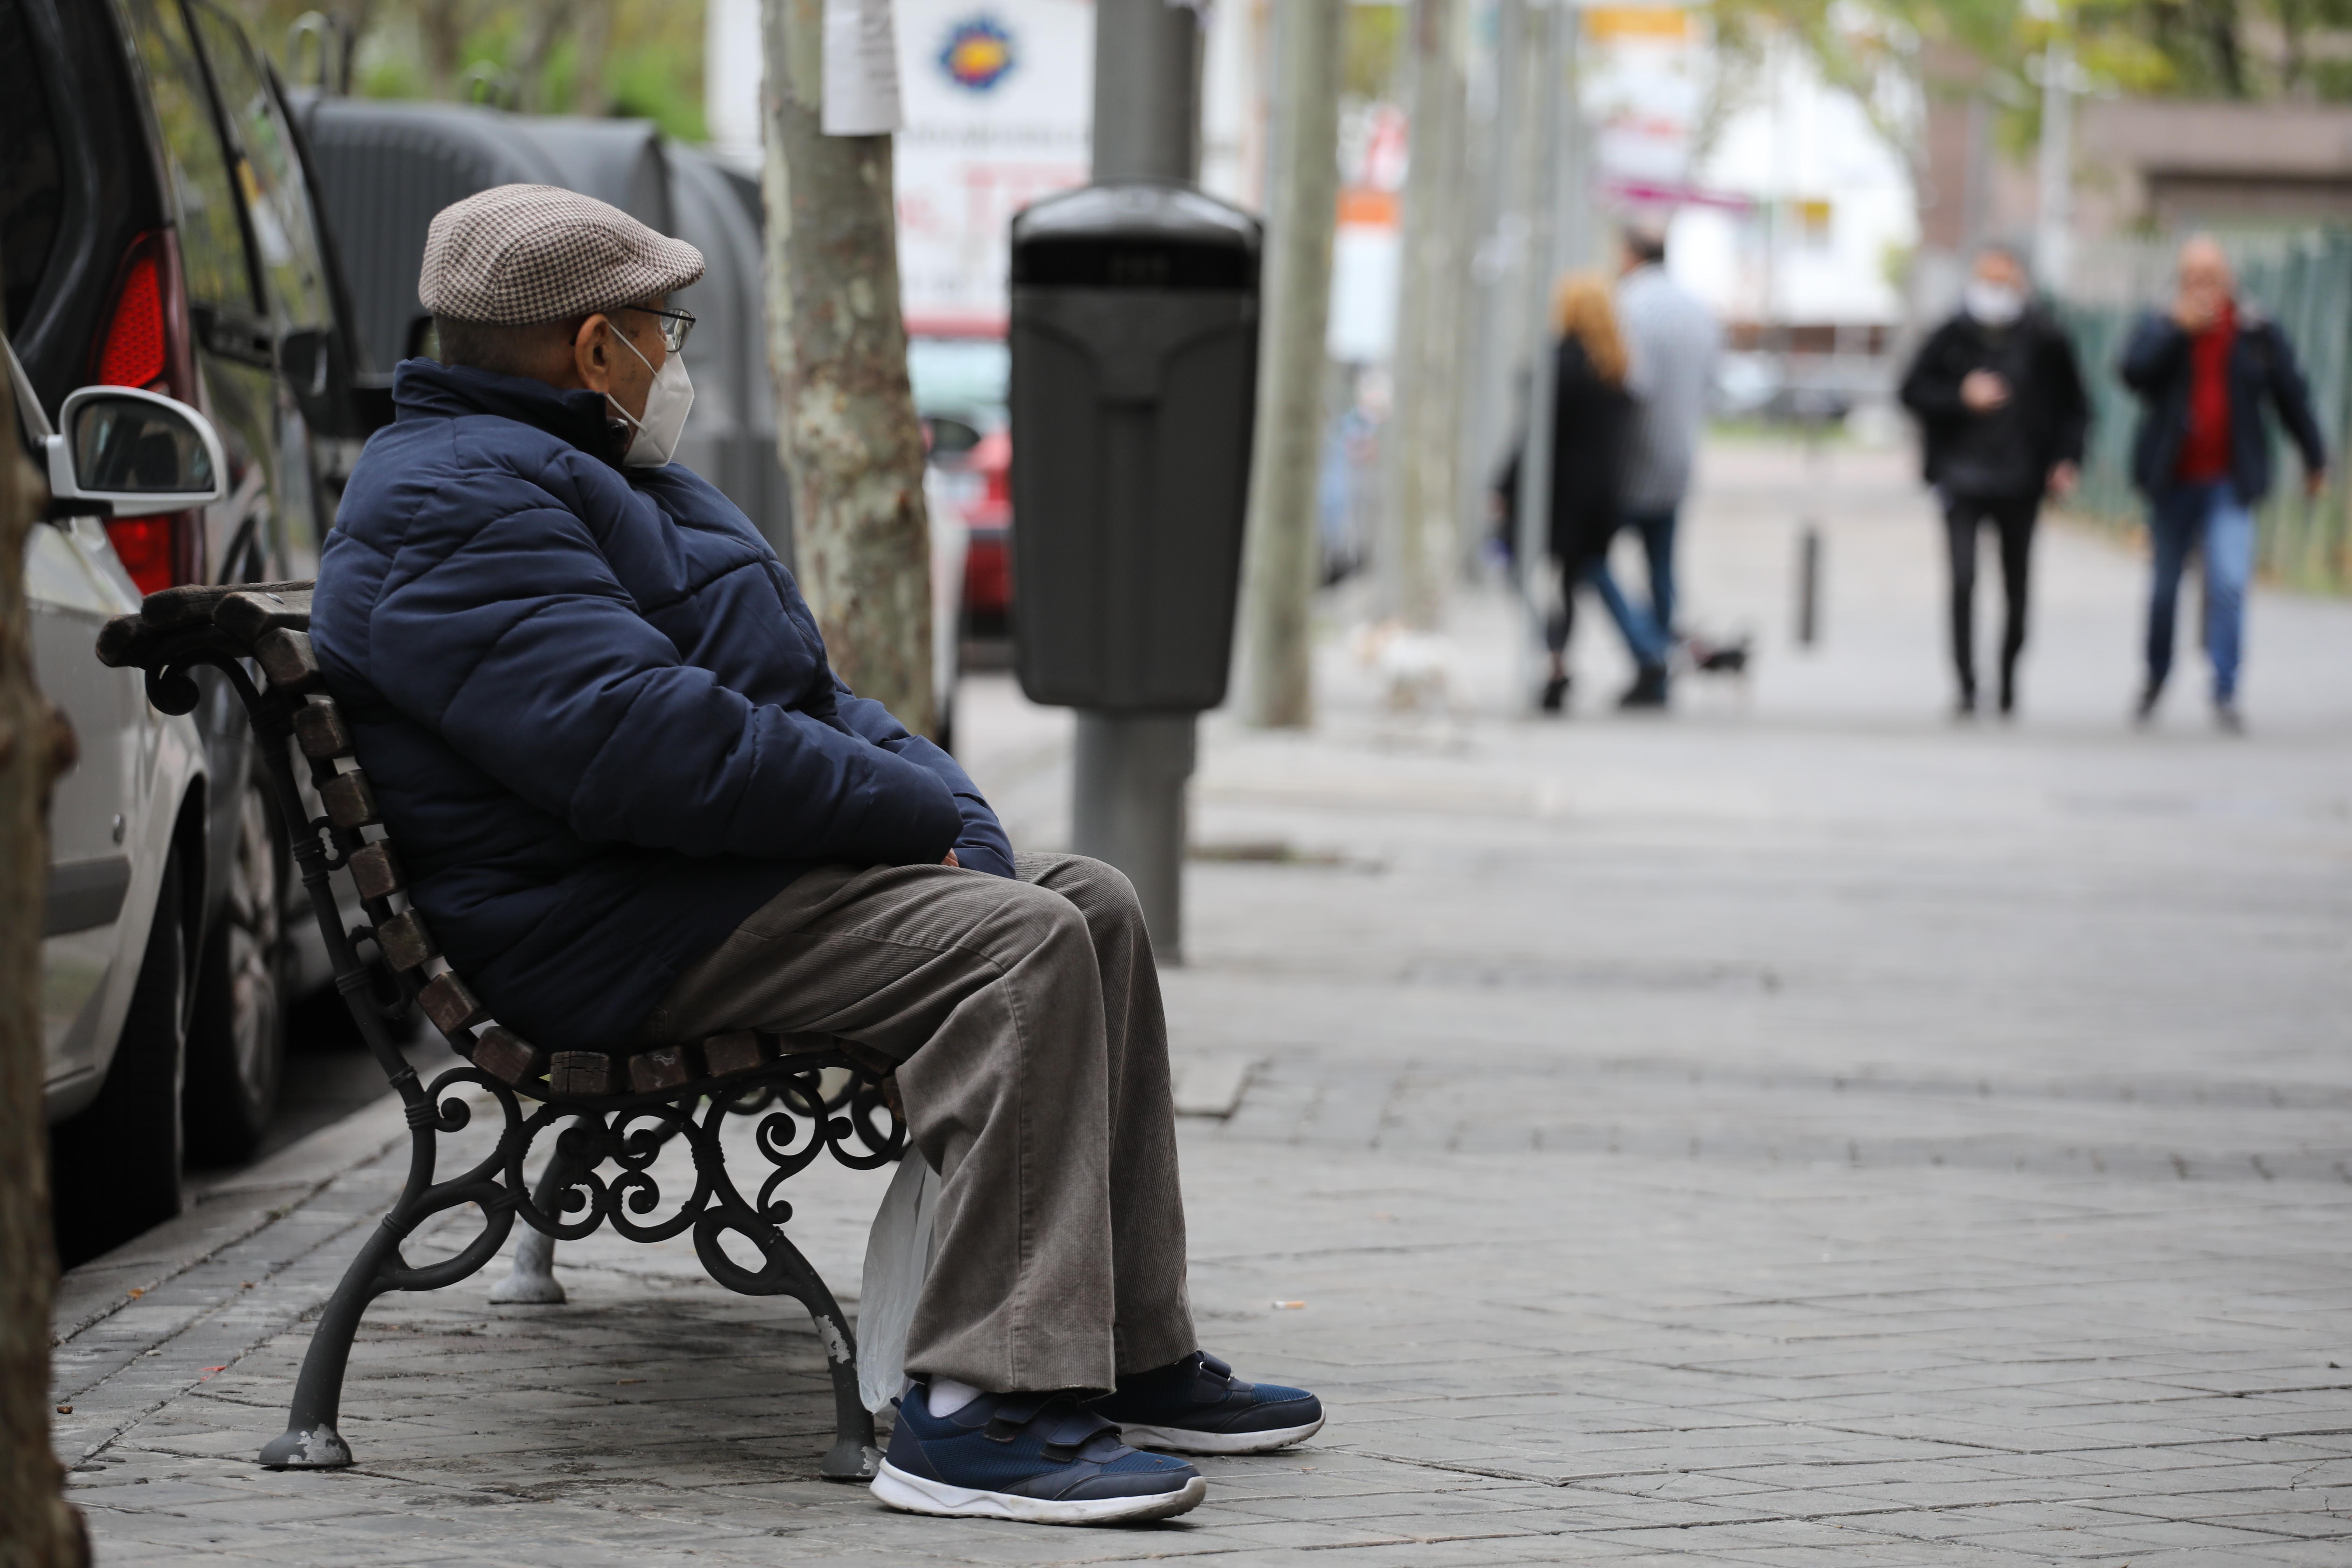 ¿Qué pasa con la pensión cuando fallece un jubilado?